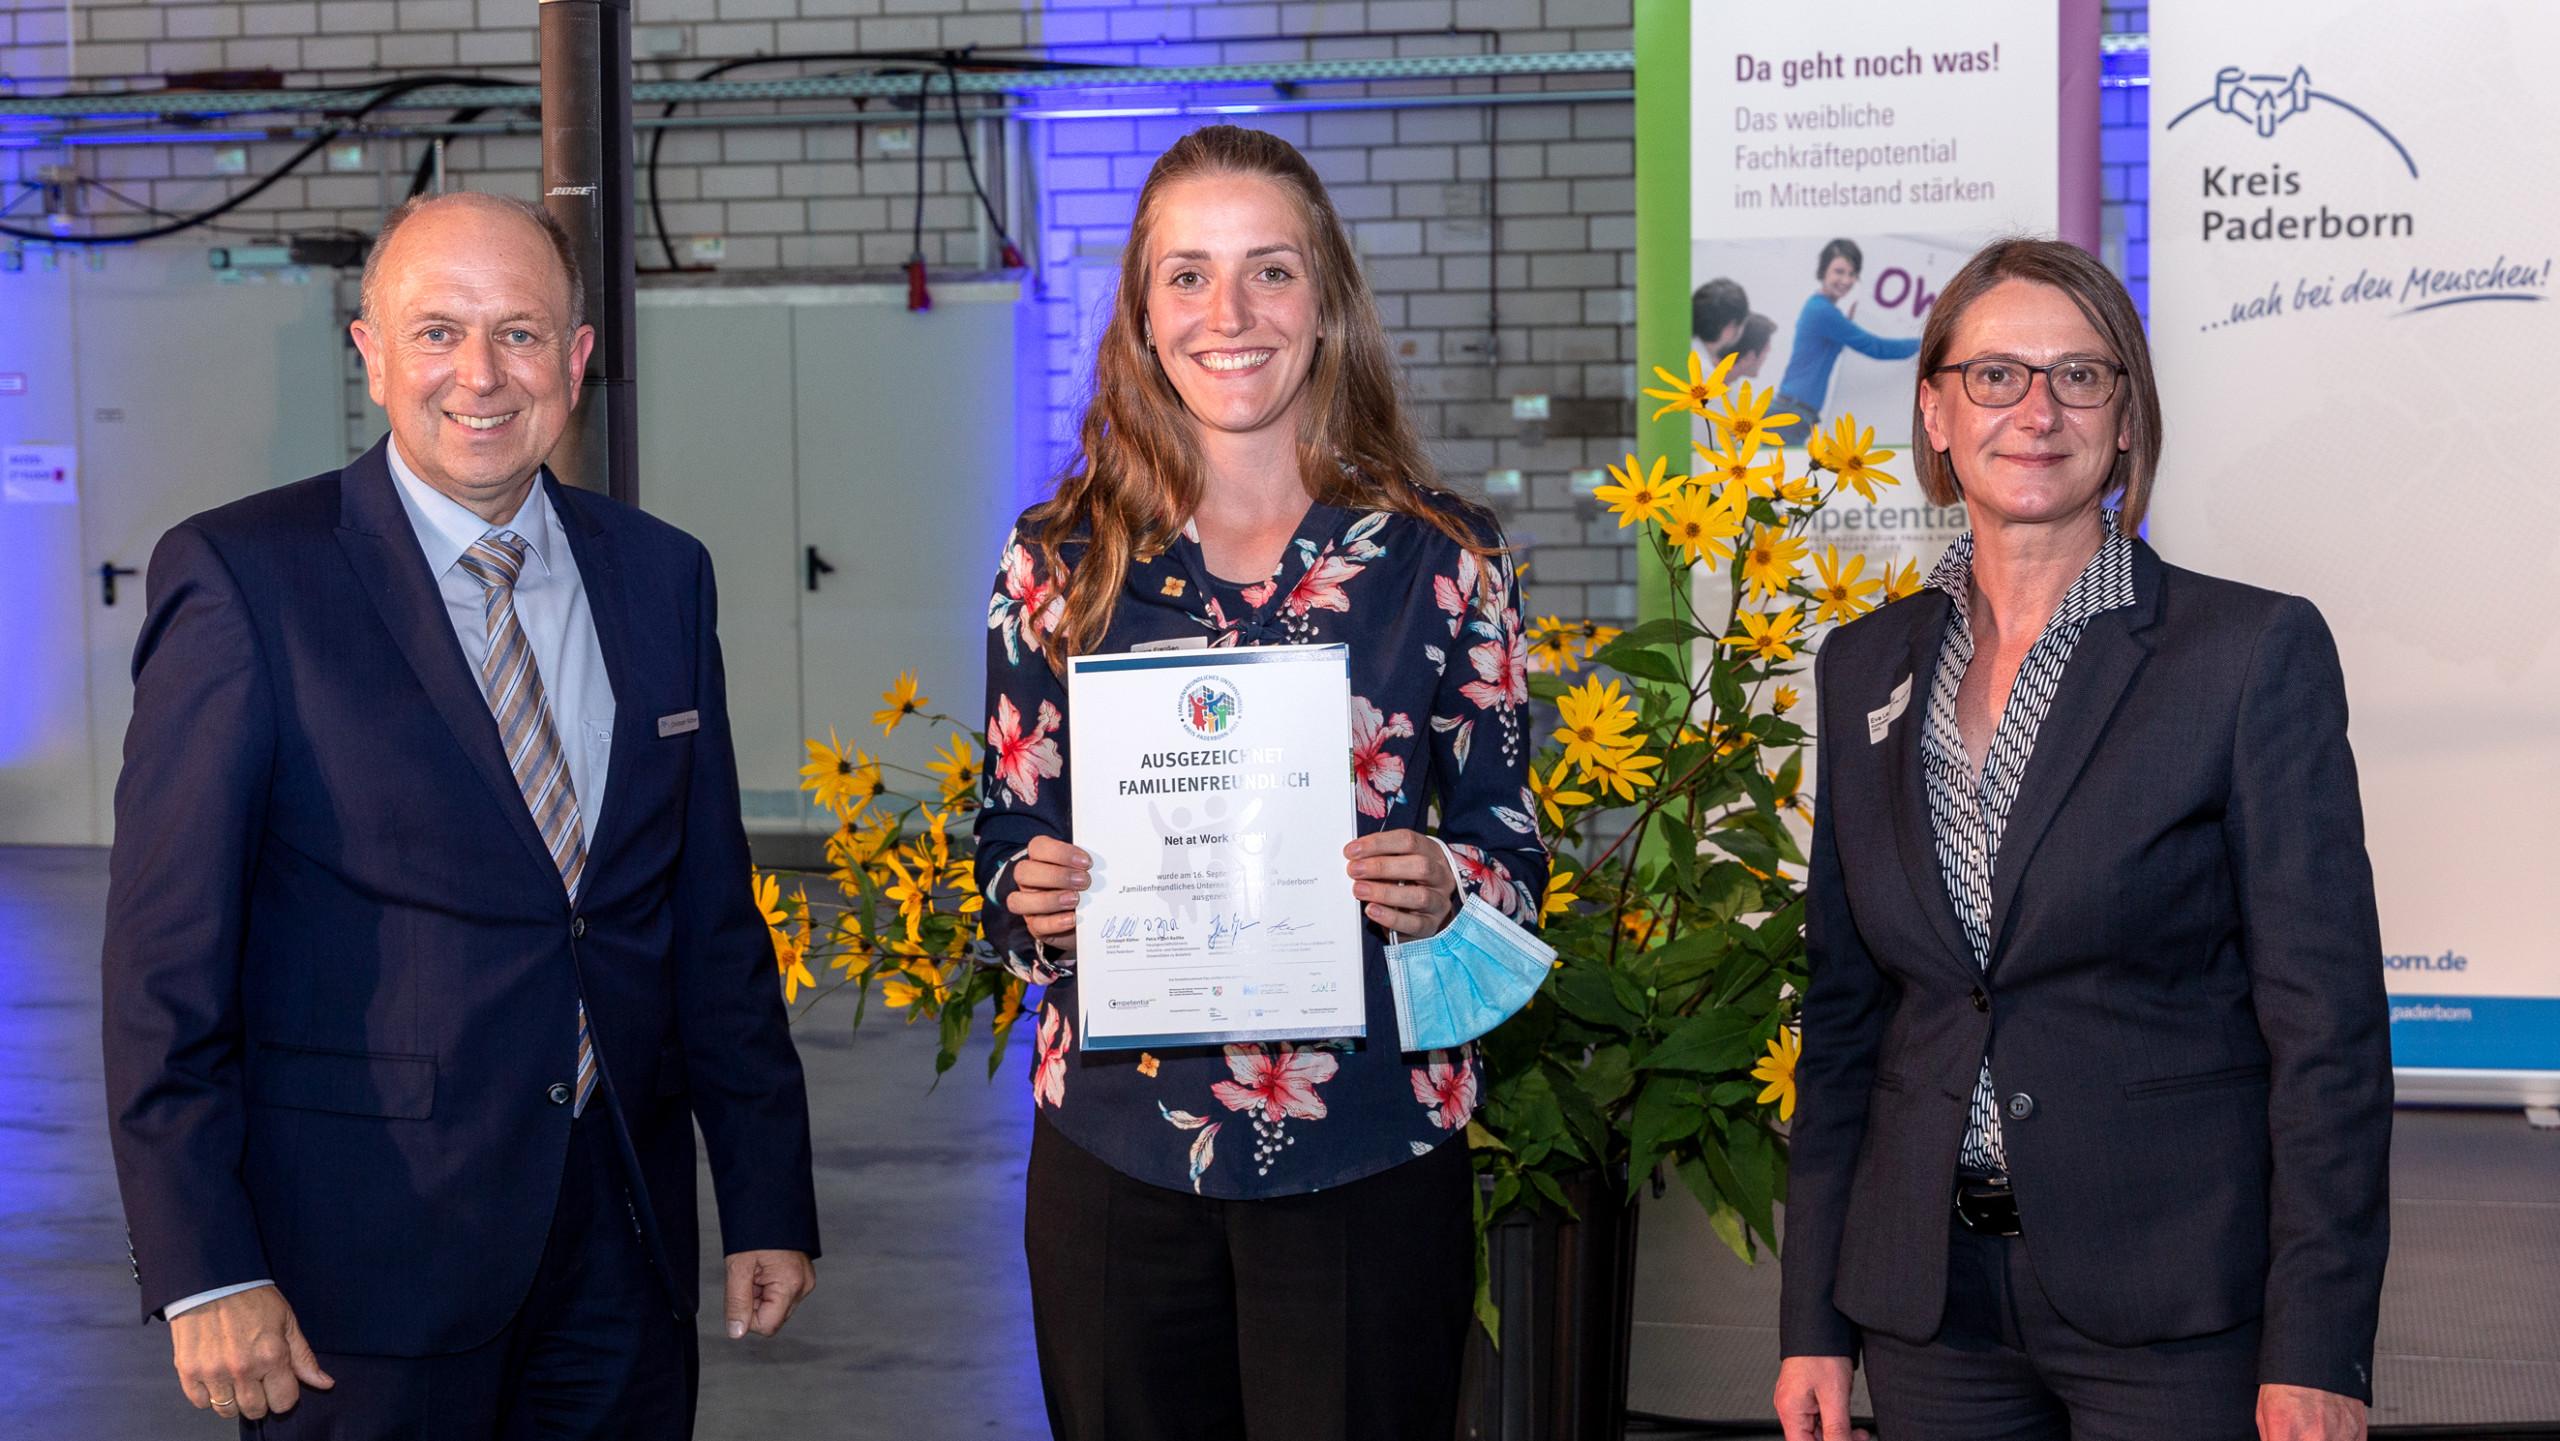 Überreichen der Urkunde: Familienfreundliches Unternehmen Kreis Paderborn 2021